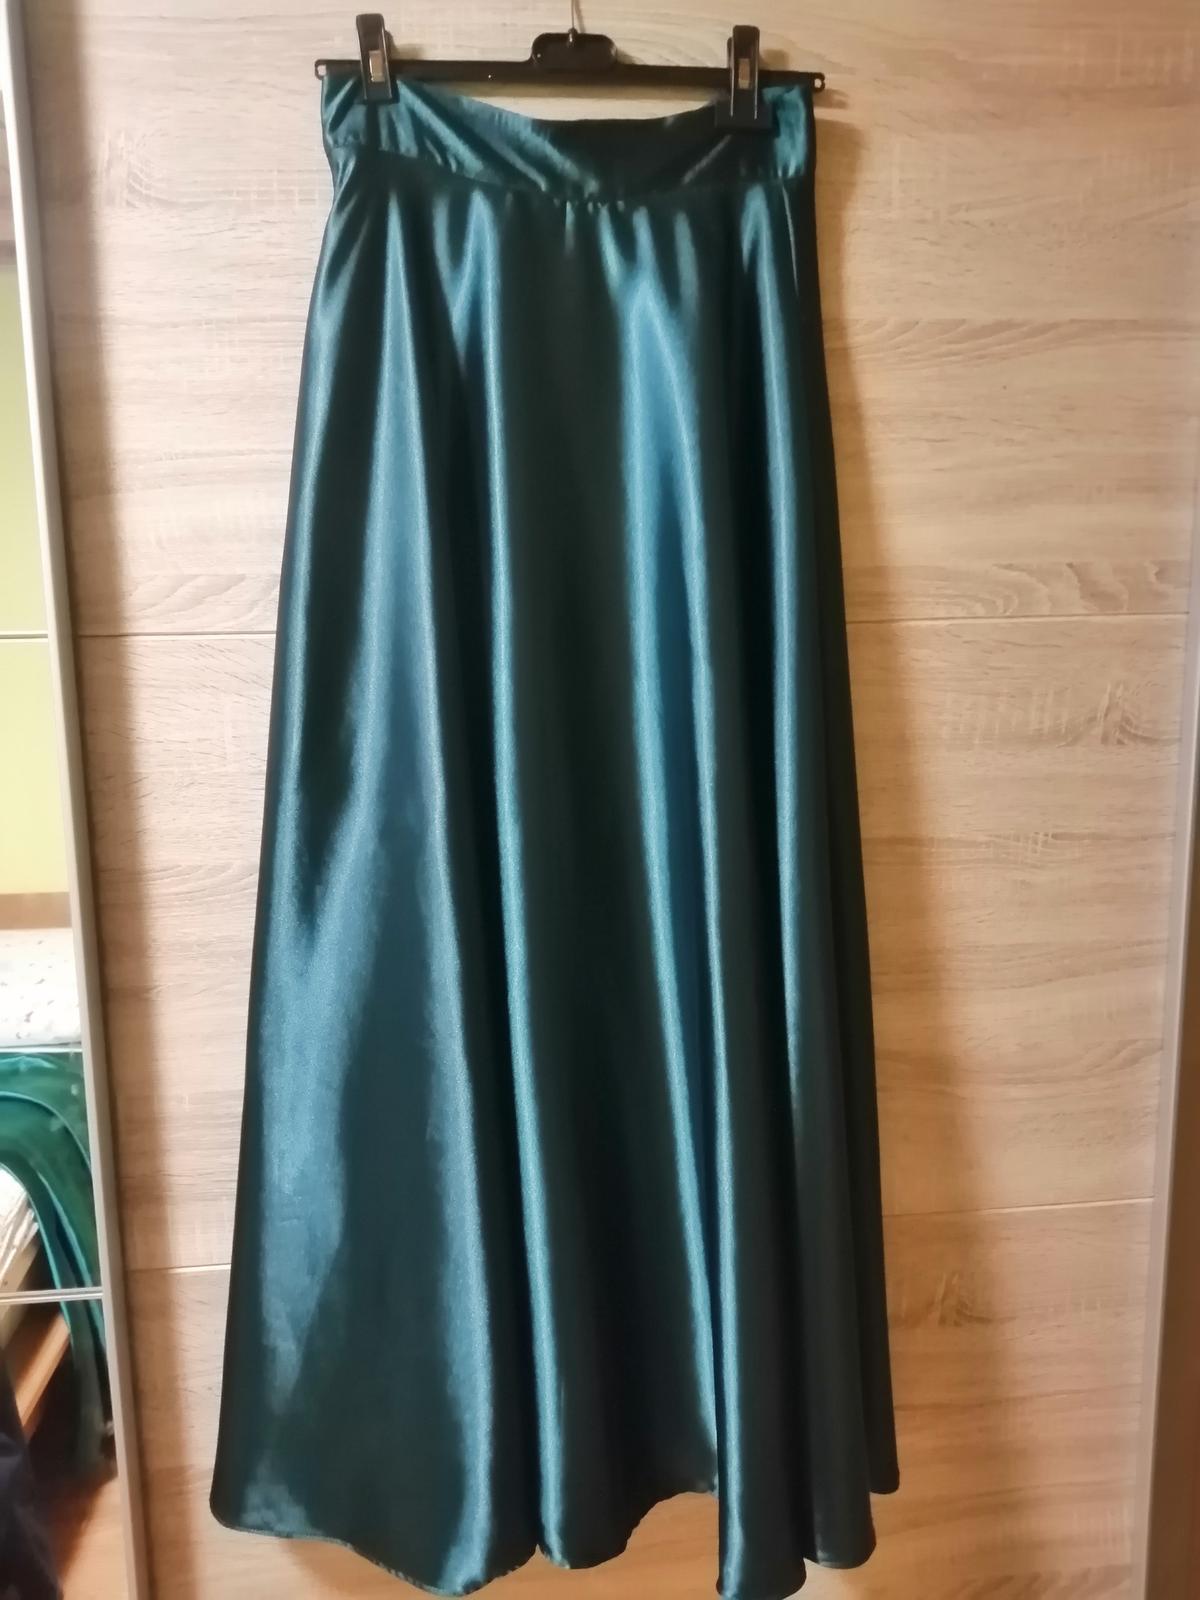 Smaragdova sukňa - Obrázok č. 1